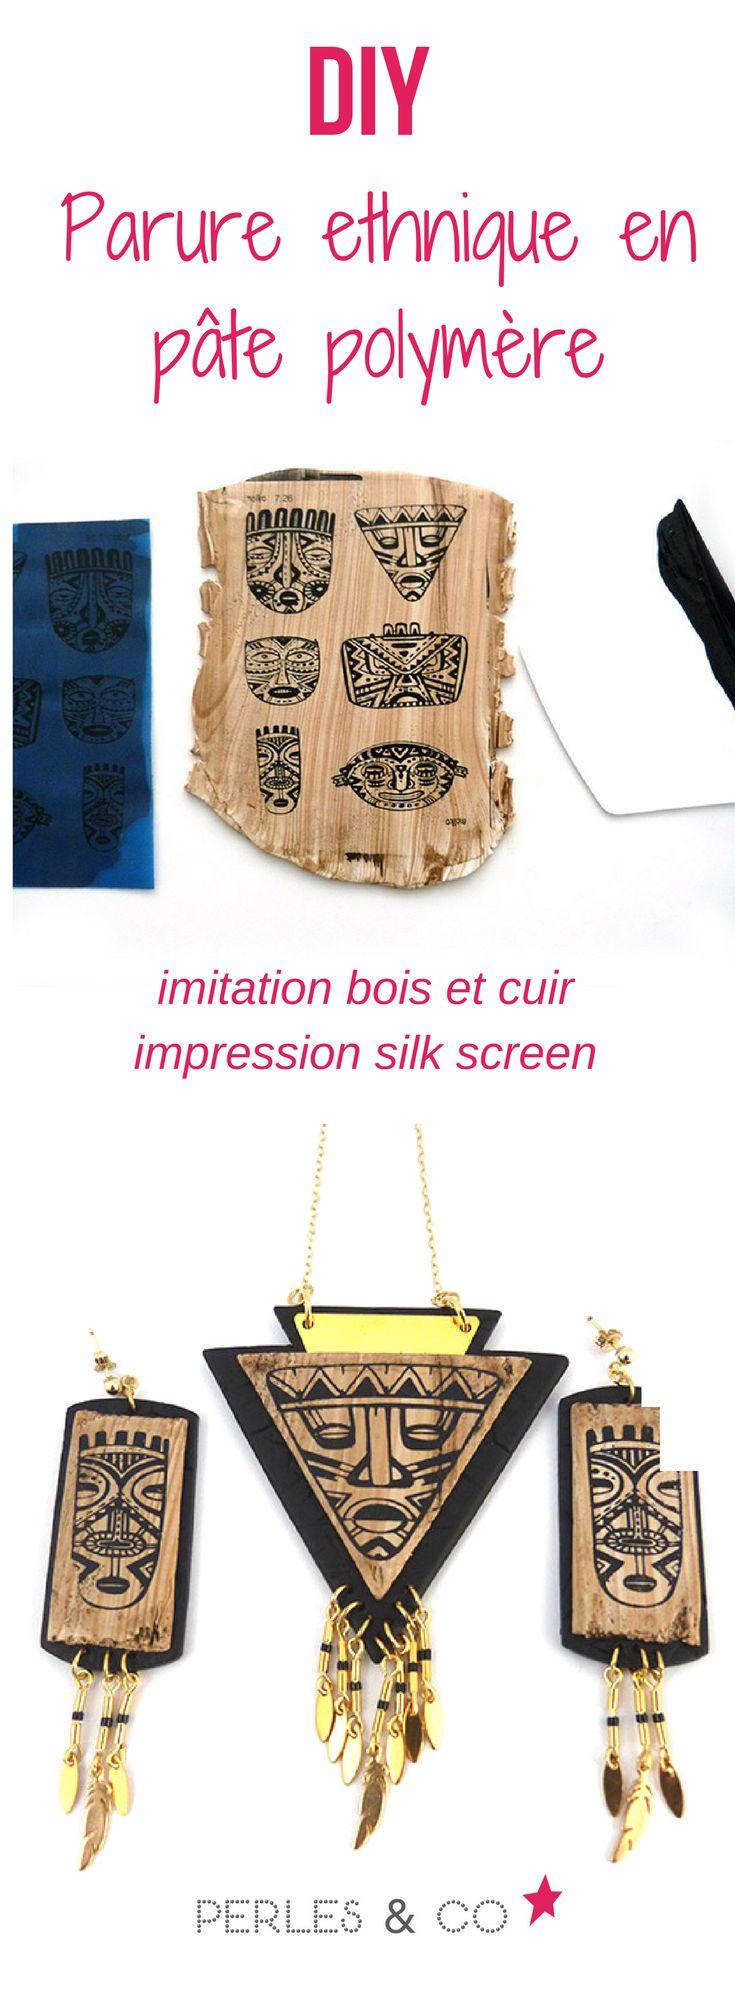 """Comment imiter le bois avec de la pâte polymère? On va vous délivrer le secret dans ce tutoriel!   Réaliser une parure composée d'un sautoir et d'une paire de boucles d'oreilles en imitation bois et cuir grâce à de la pâte polymère.  #Cernit #Fimo #Sculpley #bijou #fantaisie #ethnique #silkscreen """"polymere #bois #sautoir"""